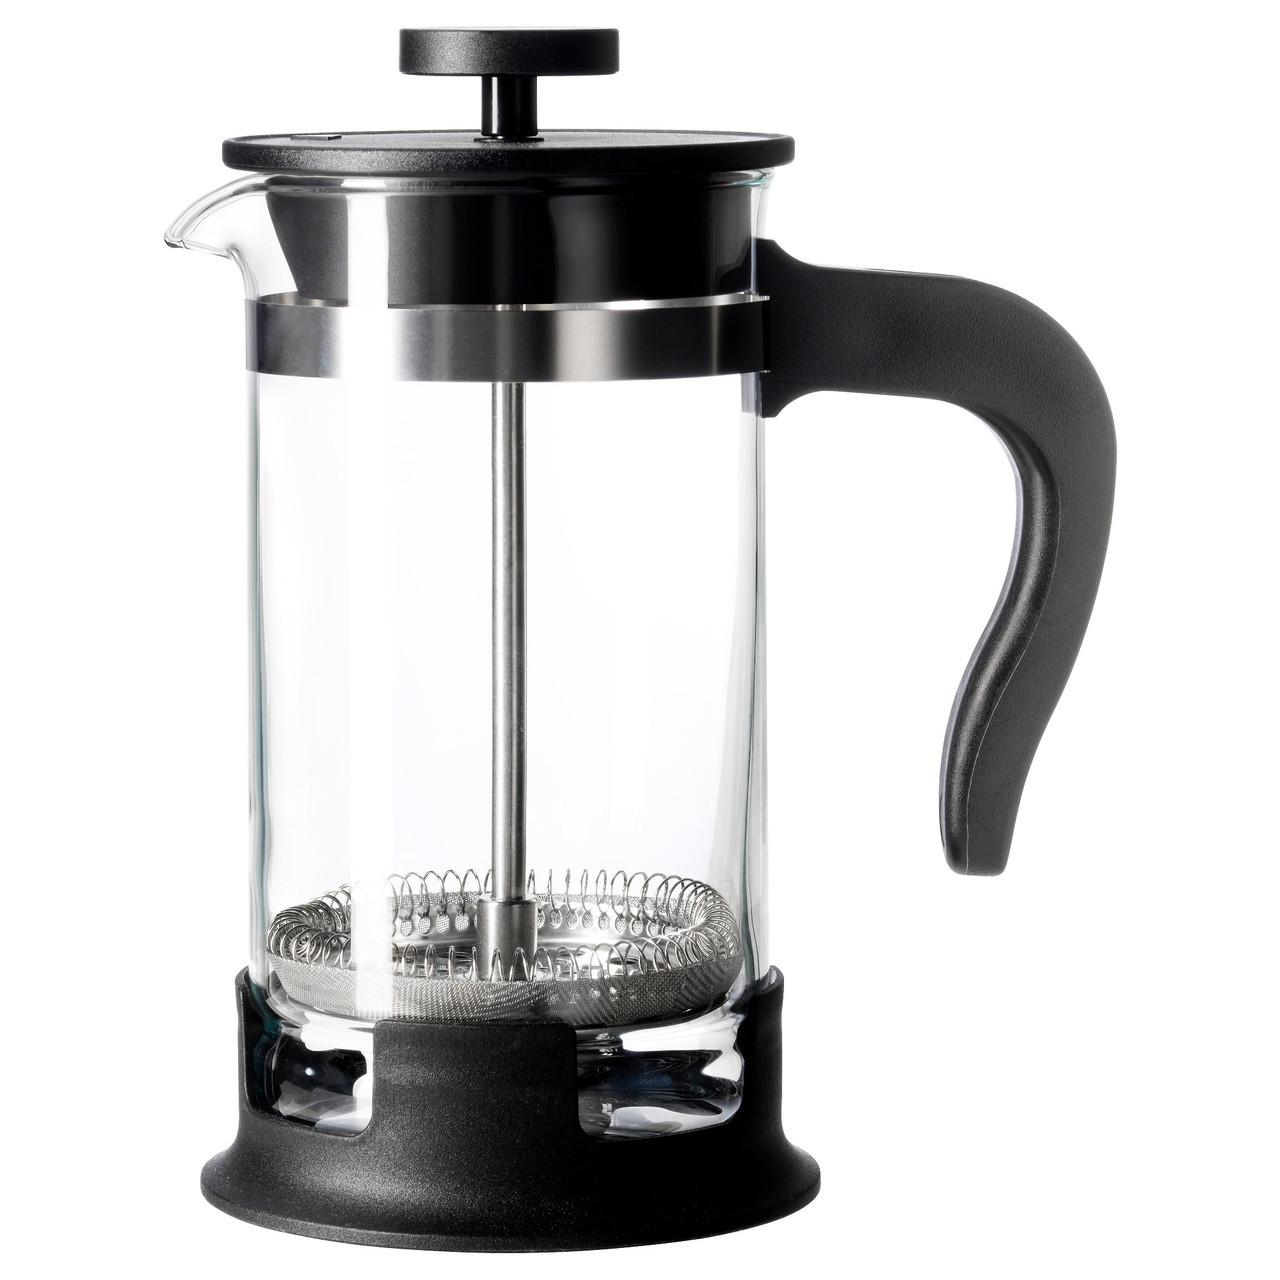 Кава-прес/заварювальний чайник IKEA UPPHETTA скло, нержавіюча сталь 0.4 л 002.978.50